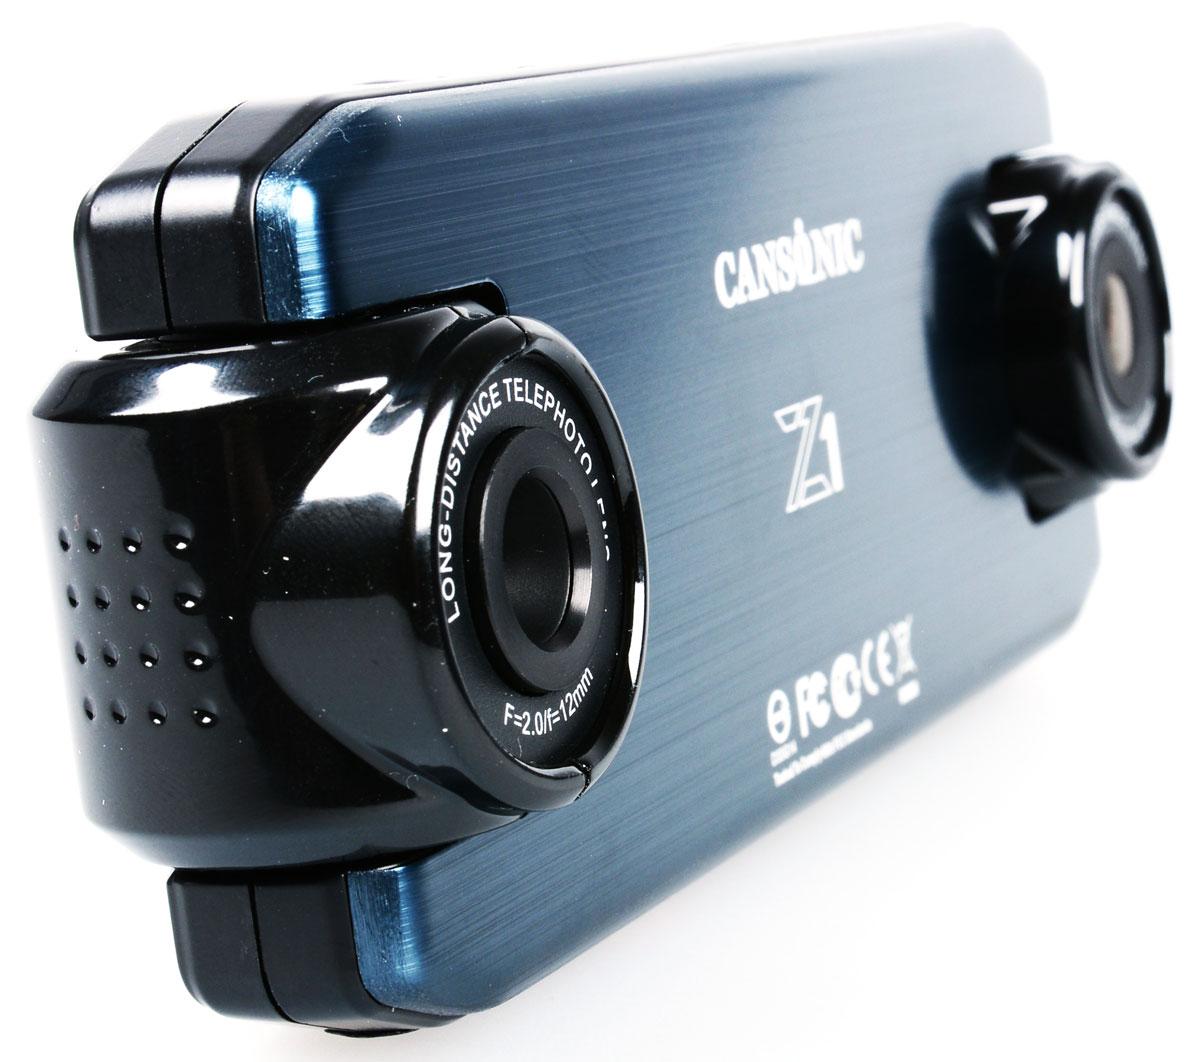 Cansonic Z1 Zoom GPS, Black видеорегистратор4627087521271Автомобильный видеорегистратор Cansonic Z1 Zoom GPS с двумя поворотными с разным углом обзора и поддержкой GPS. Данная модель пишет видео в с двух камер.Правая камера снимает с узким углом обзора (25 градусов), что позволяет различать регистрационные знаки автомобилей, левая камера снимает с широким углом обзора (150 градусов), что позволяет видеть дорожную обстановку.Устройство имеет две поворотных камеры. Левая камера – панорама с углом обзора в 150° позволяет снимать общую дорожную обстановку. Правая камера – бинокль позволяет видеть номерные знаки автомобилей на расстоянии до 40 метров.Автомобильный видеорегистратор сочетает в себе уникальный дизайн, надёжность и технологичность. Он способен работать в автономном режиме до 2-х часов. Поддерживается ГЛОНАСС/GPS модуль.Идущие в комплекте Cansonic Z1 Zoom GPS два варианта быстросъёмных крепления обеспечат возможность легкого снятия и установки аппарата на место. Небольшие размеры устройства и корпус выполненный в неприметном дизайне дают возможность незаметно установить видеорегистратор.Модель обладает дисплеем размером 2 дюйма. Экран яркий и контрастный. Даёт хорошую возможность для просмотра и настройки регистратора.В Cansonic Z1 Zoom GPS встроен G-сенсор, который реагирует на удар, резкое торможение, а также на резкие изменения скорости. G-сенсор гарантирует сохранность видеофайла при записи, которого произошел инцидент.Специально установленная на корпусе кнопка аварийной записи позволит сохранить видео в нестираемую область в памяти вашей карты, что позволит вам не волноваться за сохранность снятых вами материалов.Электронная стабилизация изображения Cansonic Anti-ShakeВстроенный аккумулятор Li-ion 700 мАчФункция WDR